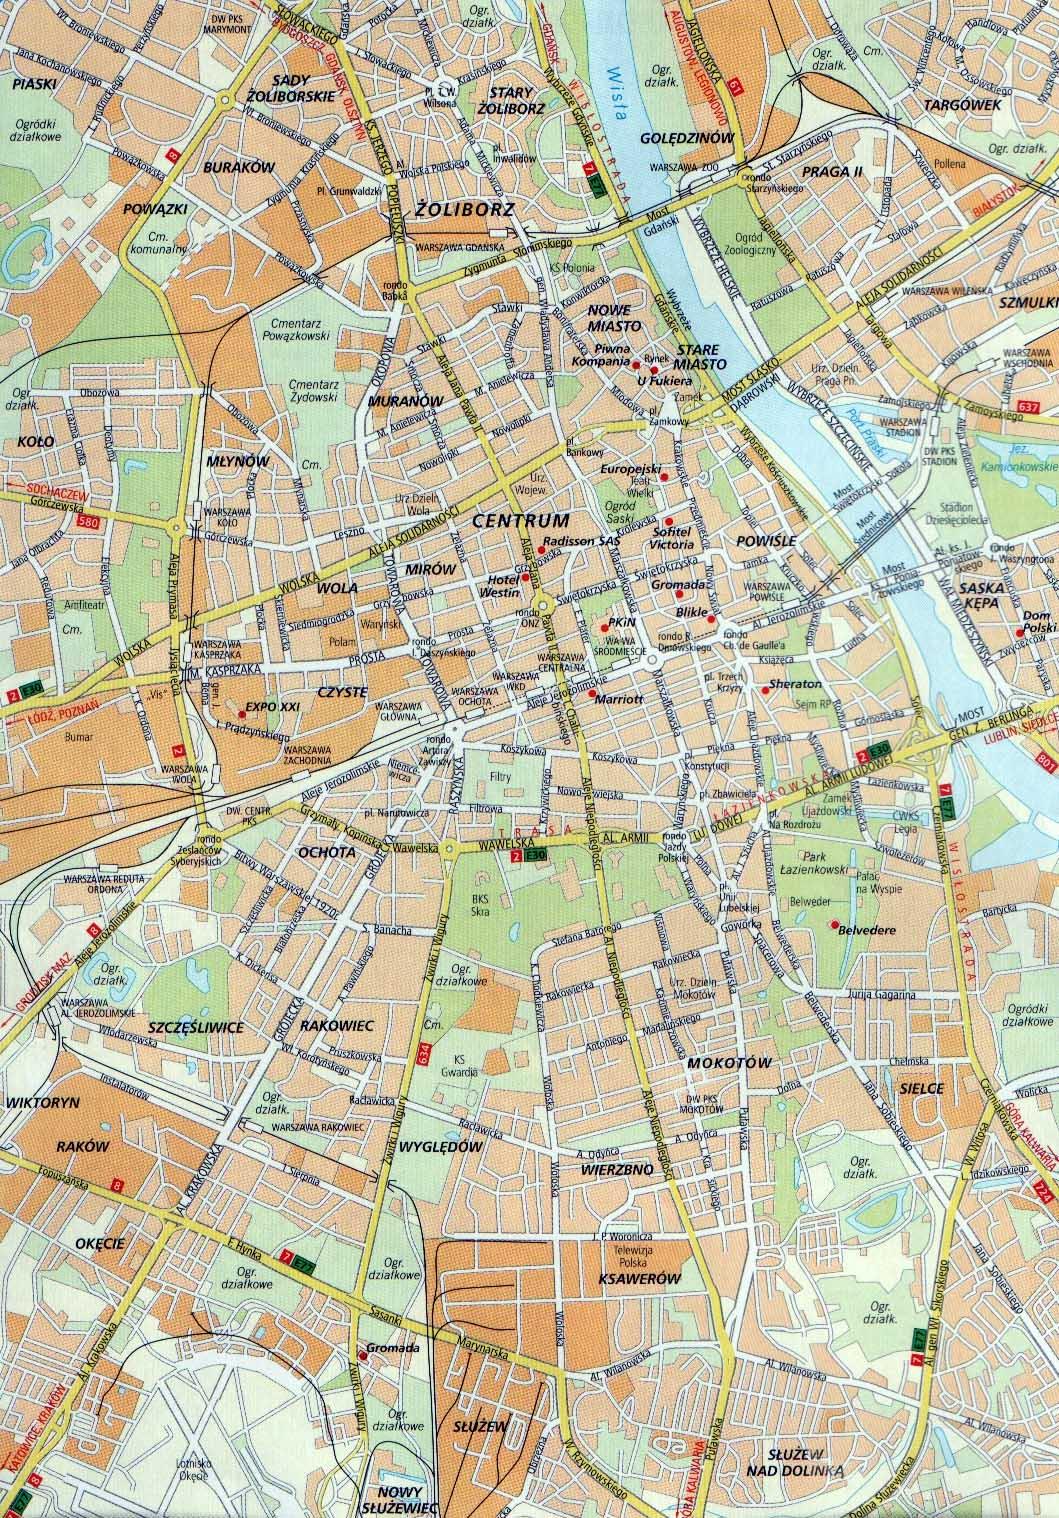 карта варшавы с улицами и районами звонить Продажа